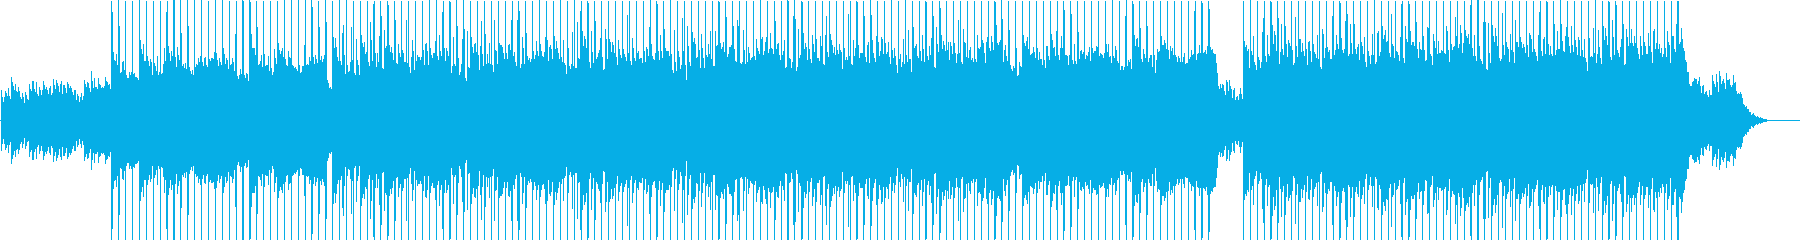 ティーン 現代的 交響曲 アンビエ...の再生済みの波形